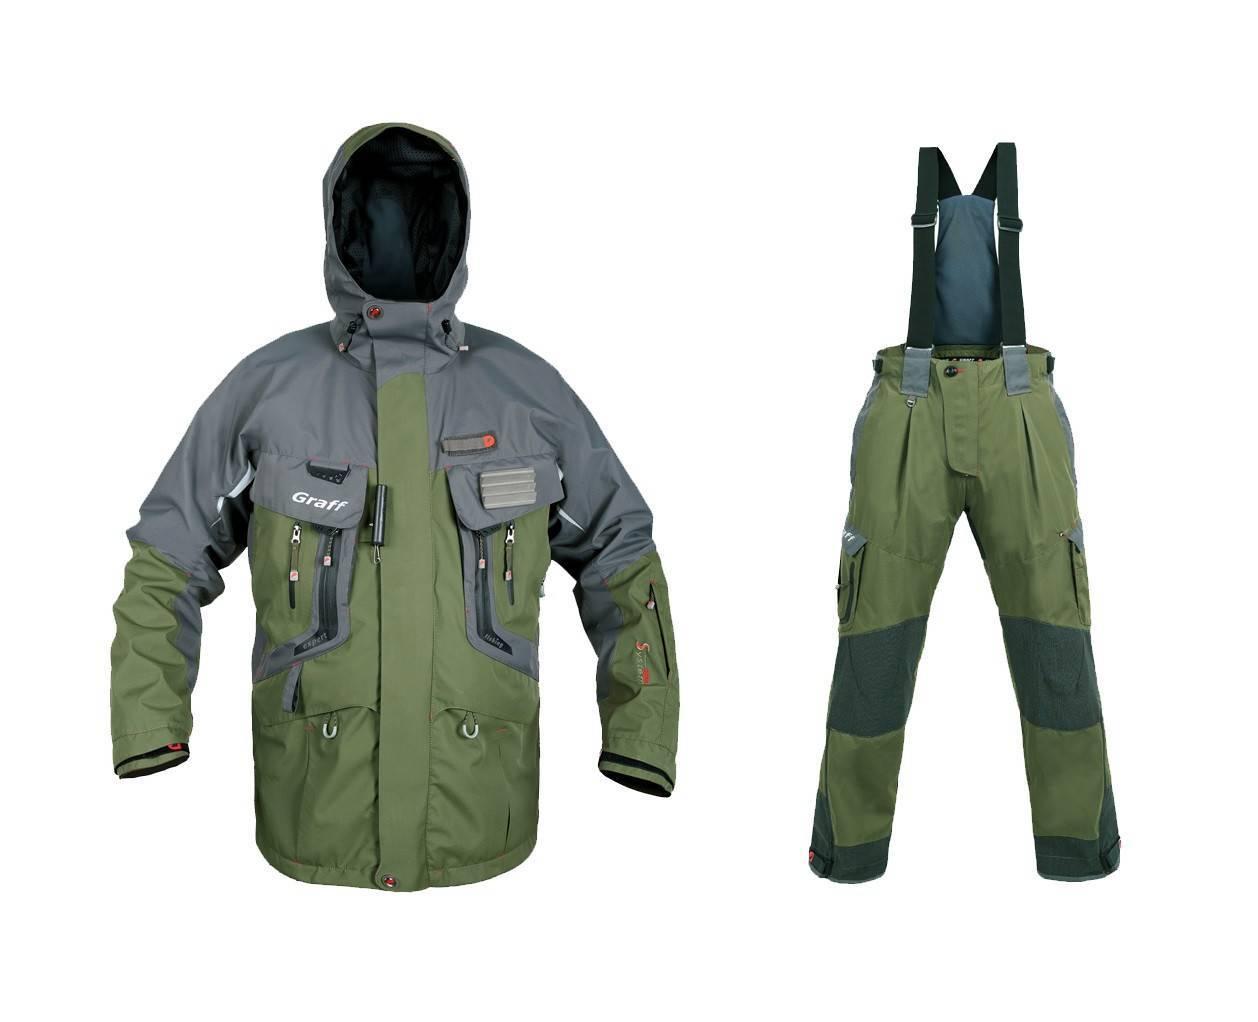 Влагозащитная одежда: костюмы, куртки и штаны для защиты от воды, poseidon и другие бренды непромокаемой одежды для работы под дождем